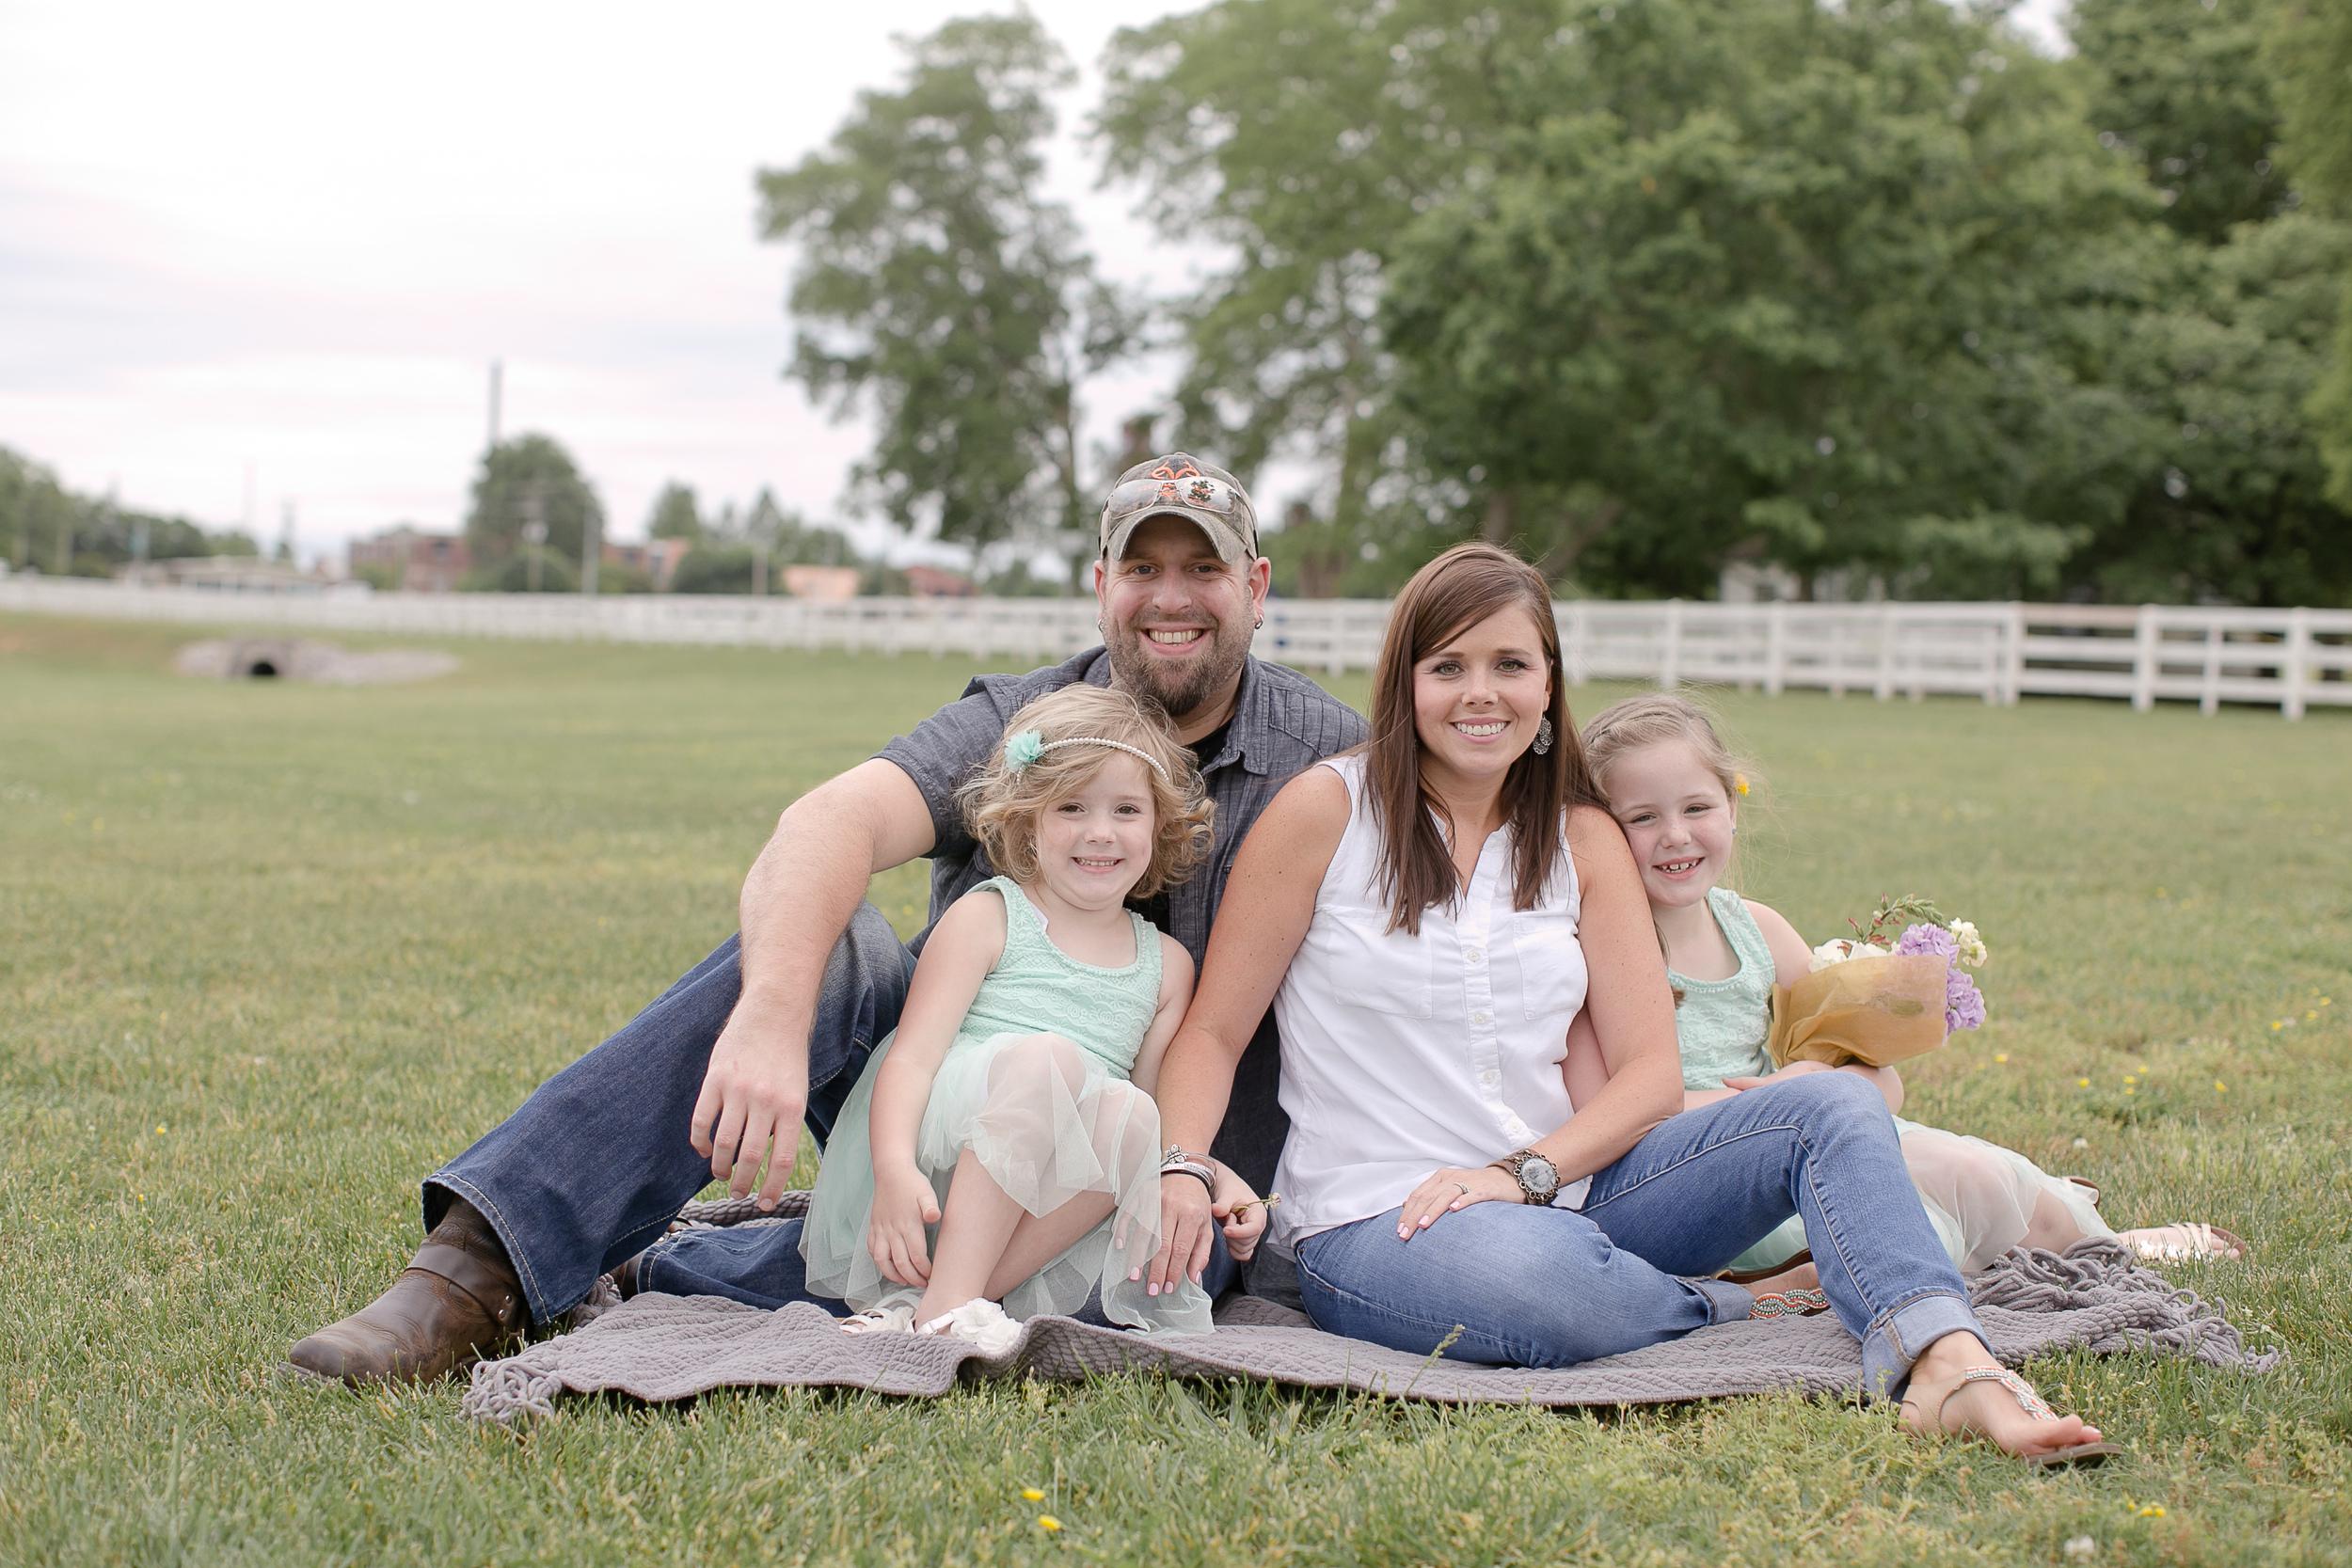 clickforhope_nashvillestory_mfamily-63.jpg